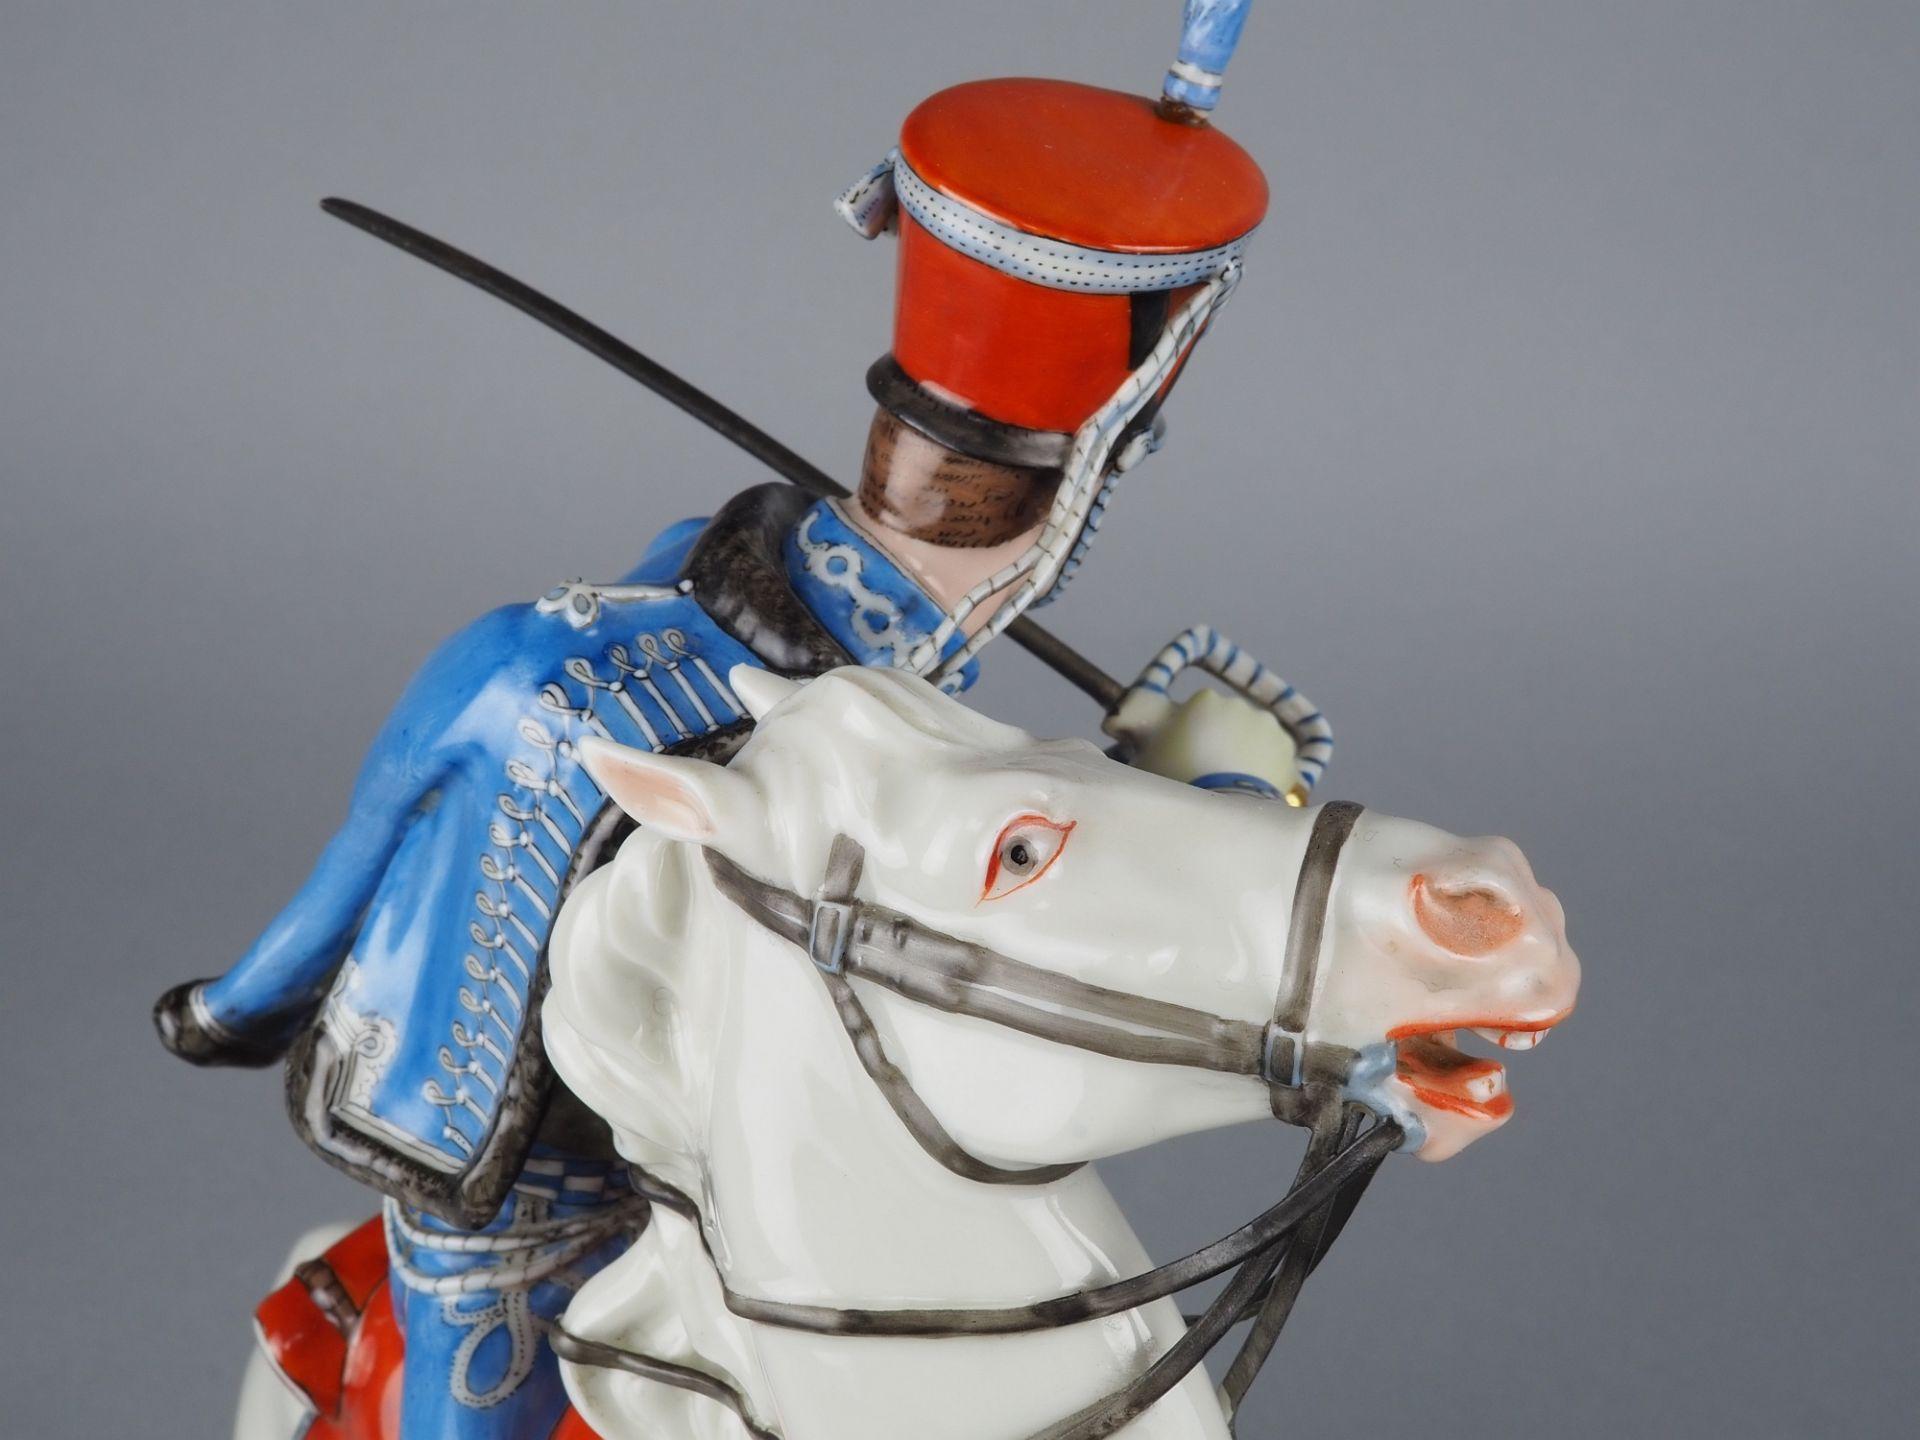 Nymphenburg Porcelain Manufactory: Officer of the 2nd Royal Bavarian Hussar Regiment on horseback. - Image 5 of 8